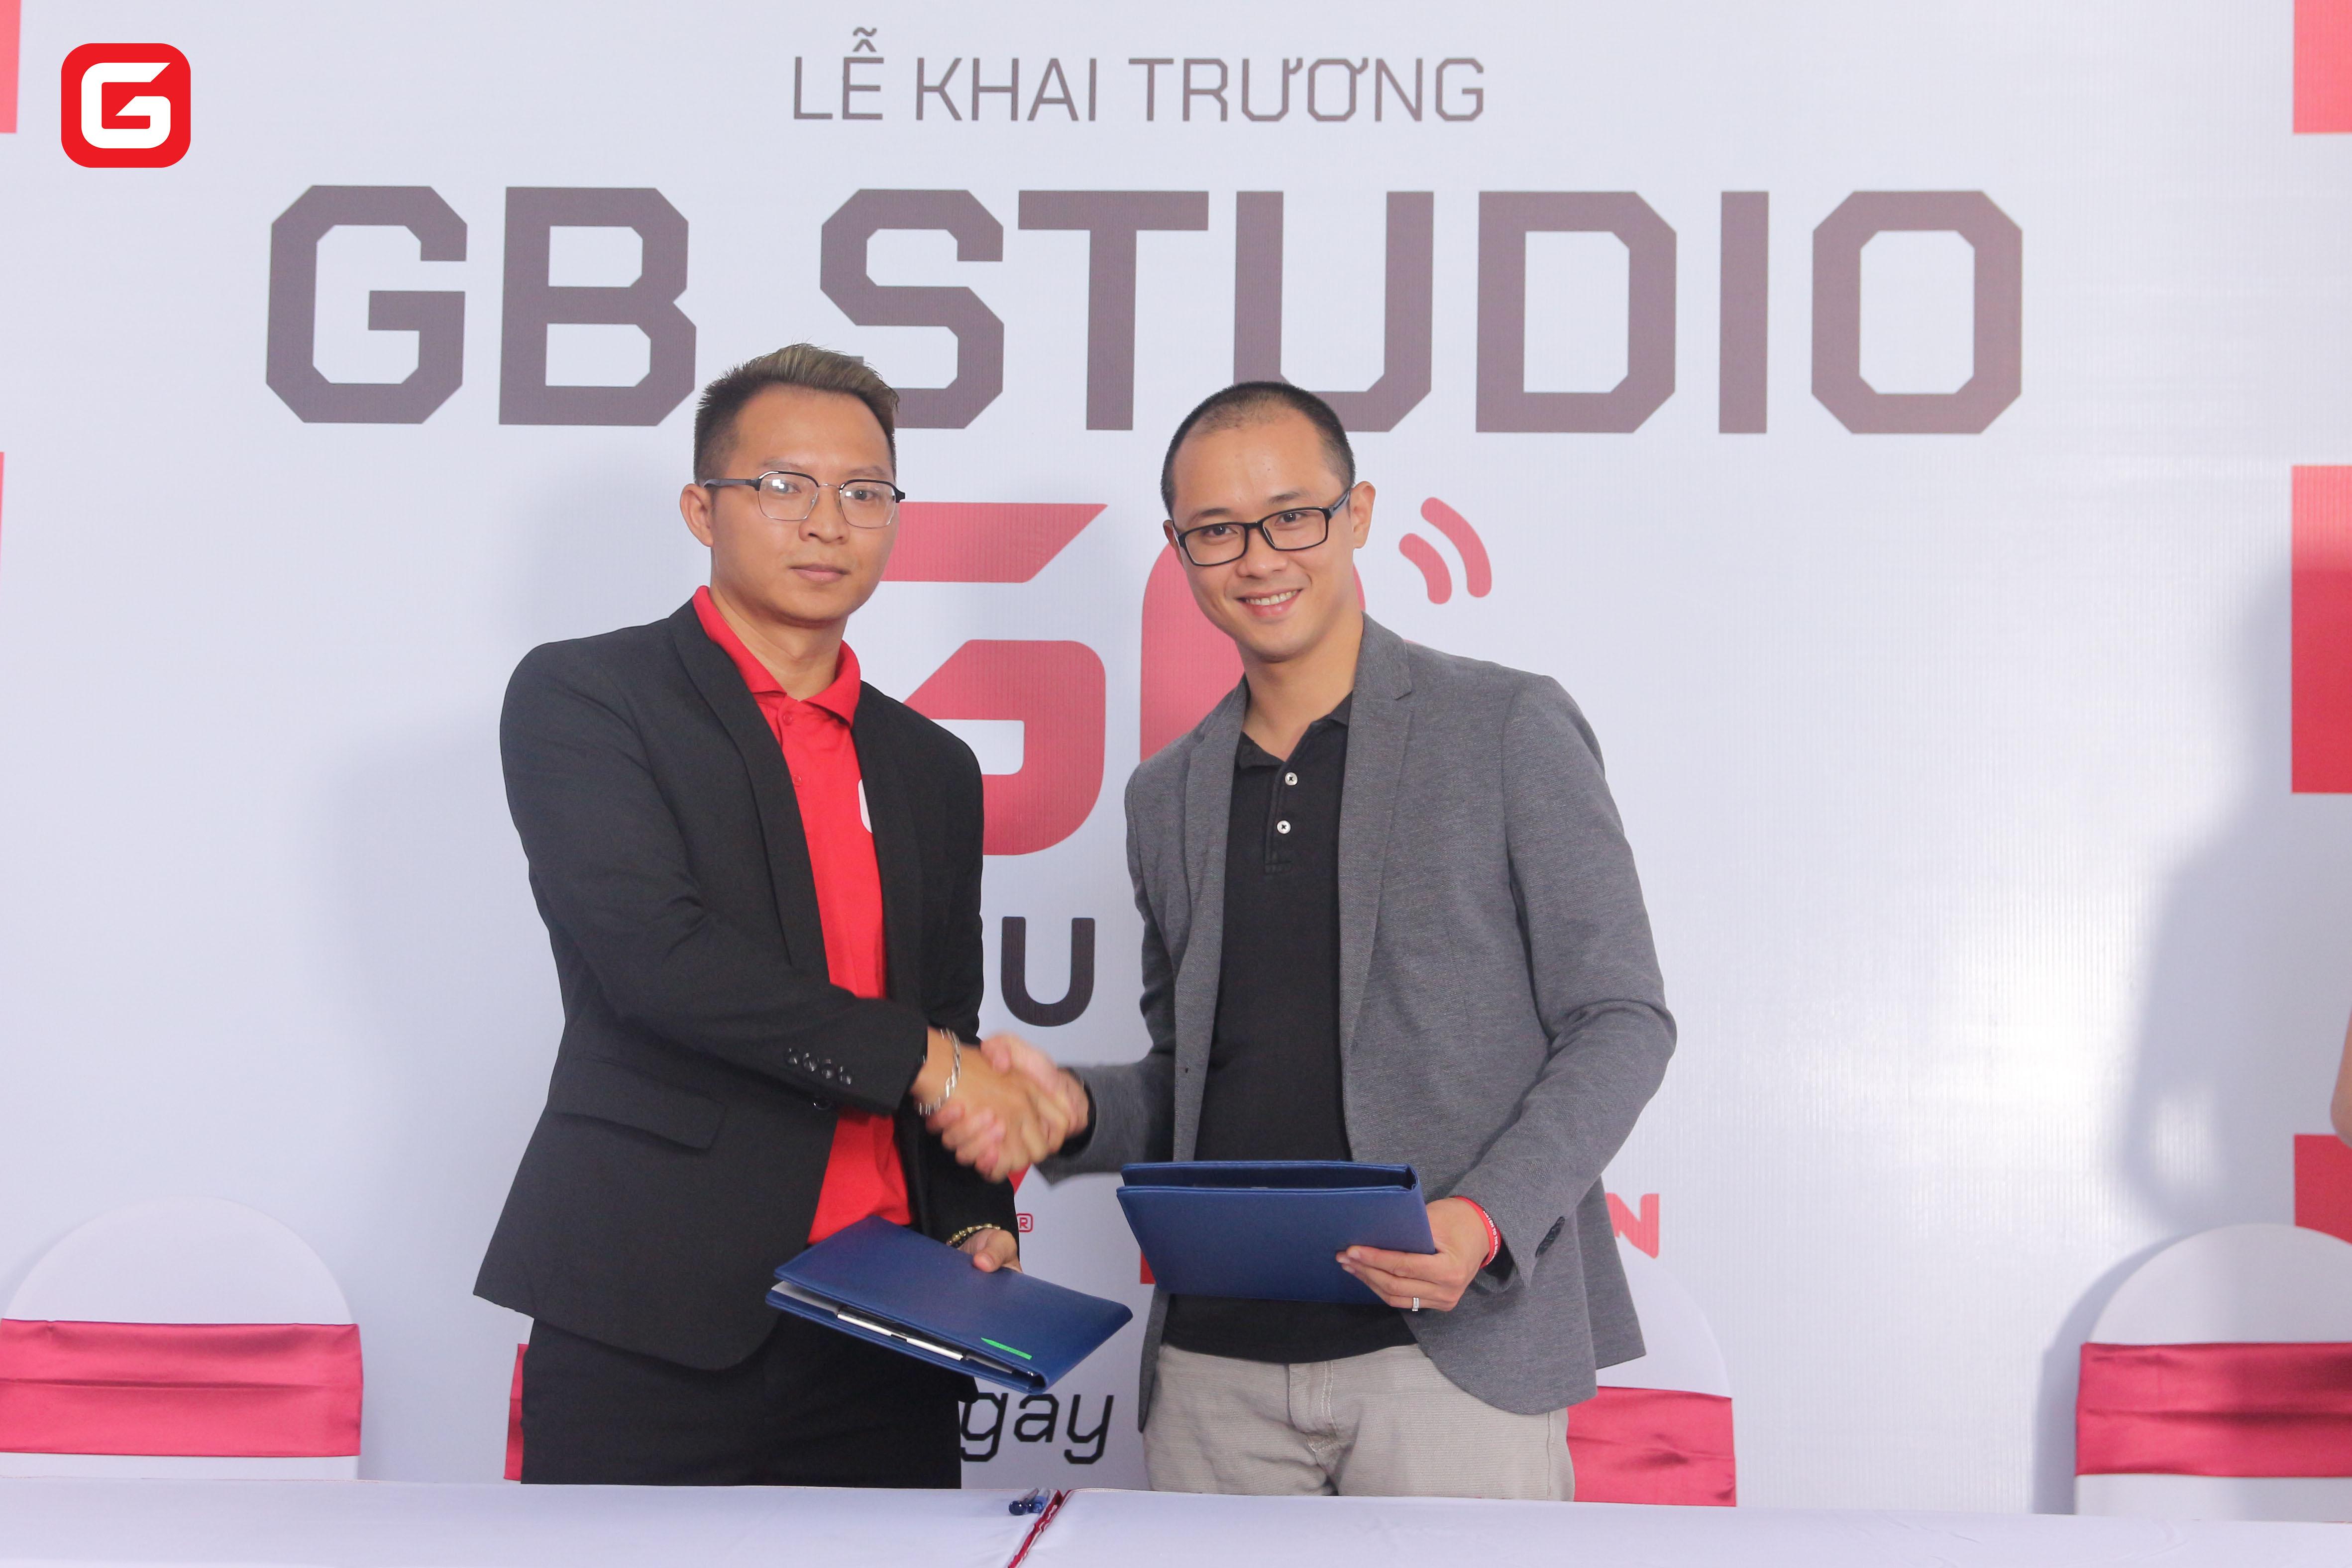 Toàn cảnh buổi lễ khai trương GB Studio ngày 8/5/2019